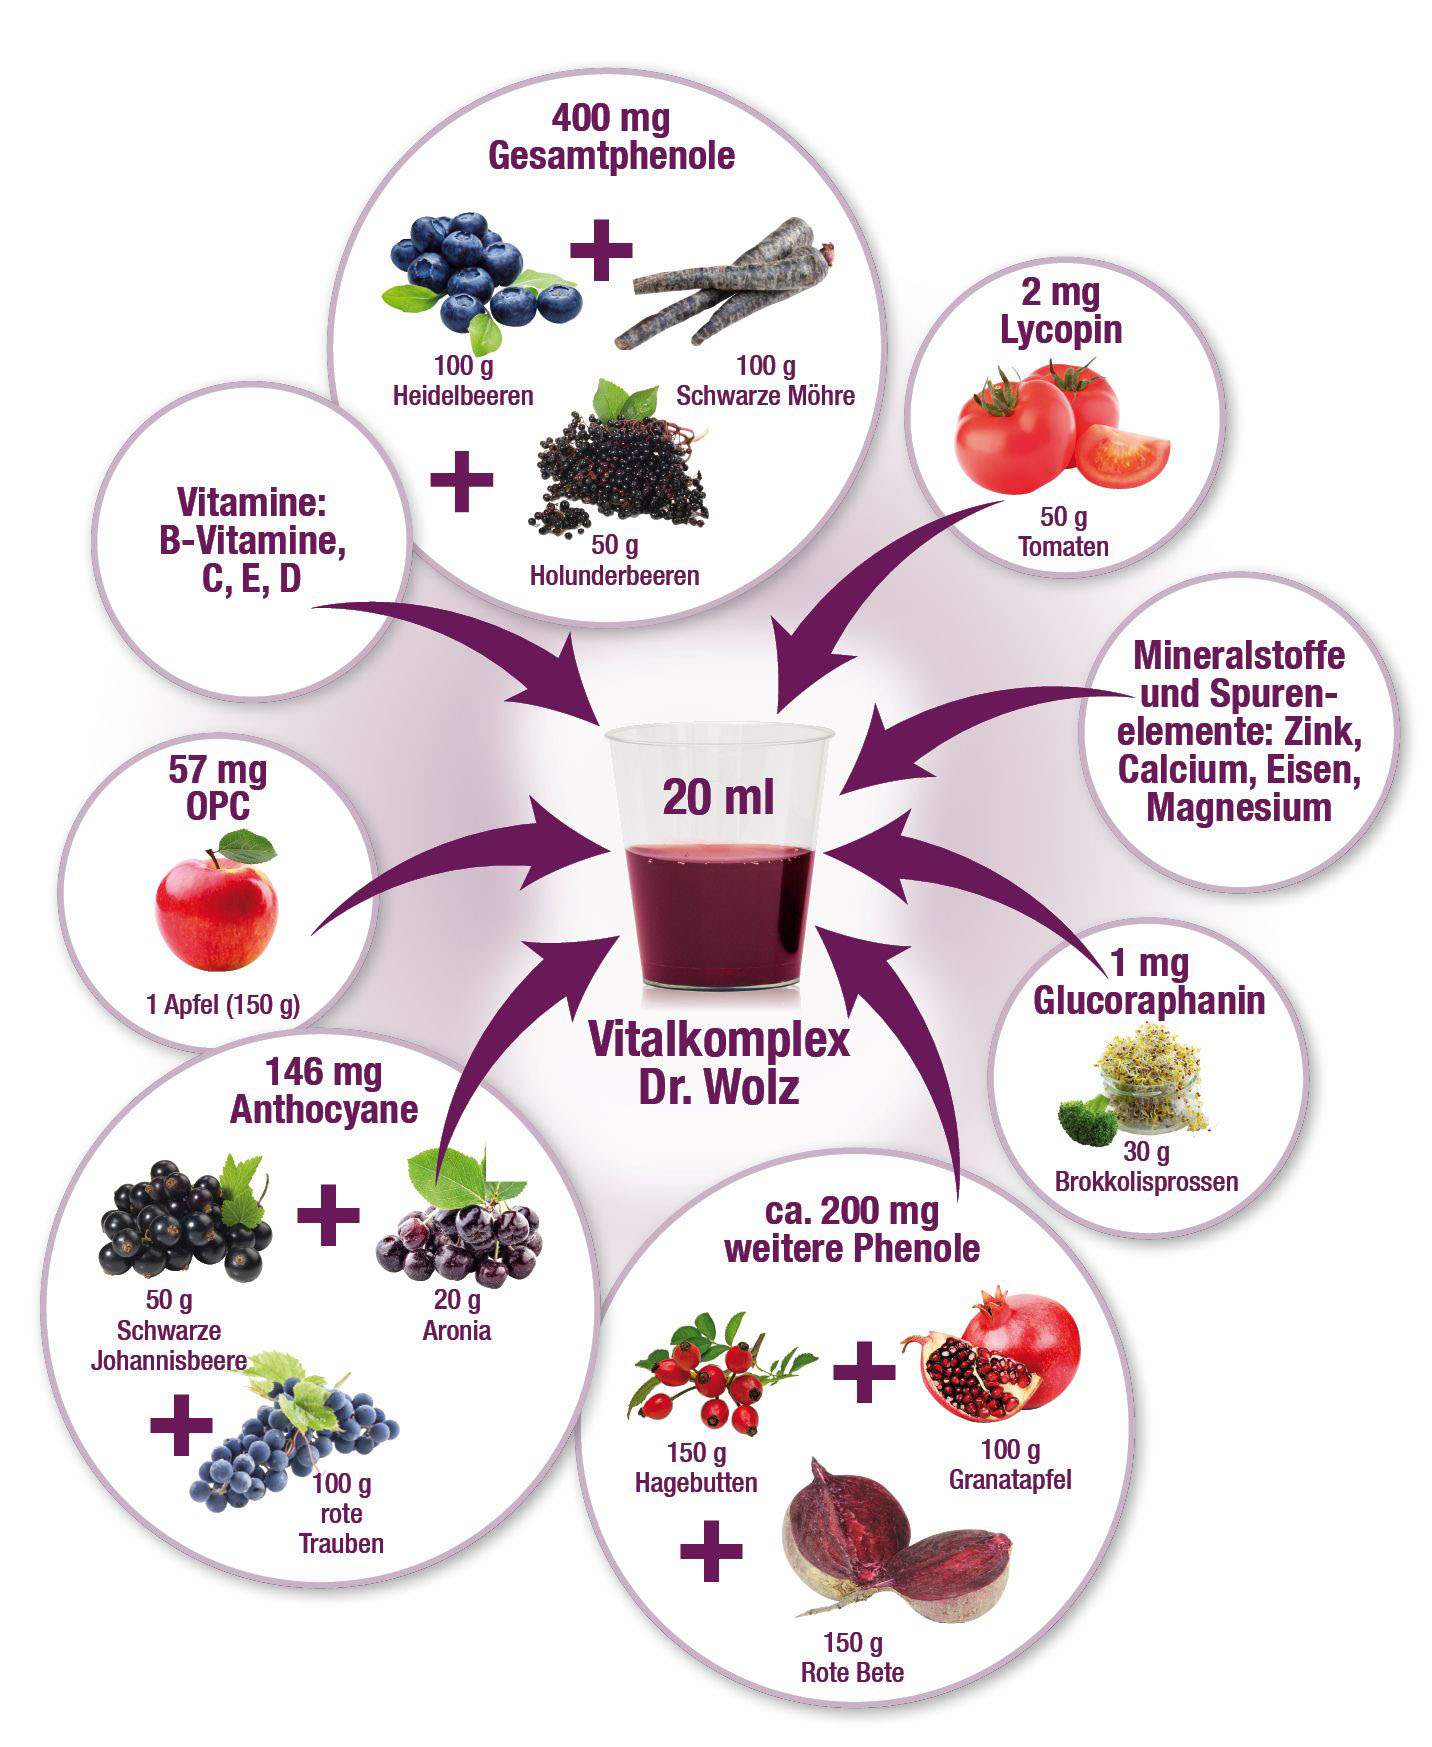 Vor allem die sekundären Pflanzenstoffe in Obst und Gemüse sind wichtig, um die Denk- und Problemlösungsfähigkeit zu verbessern.